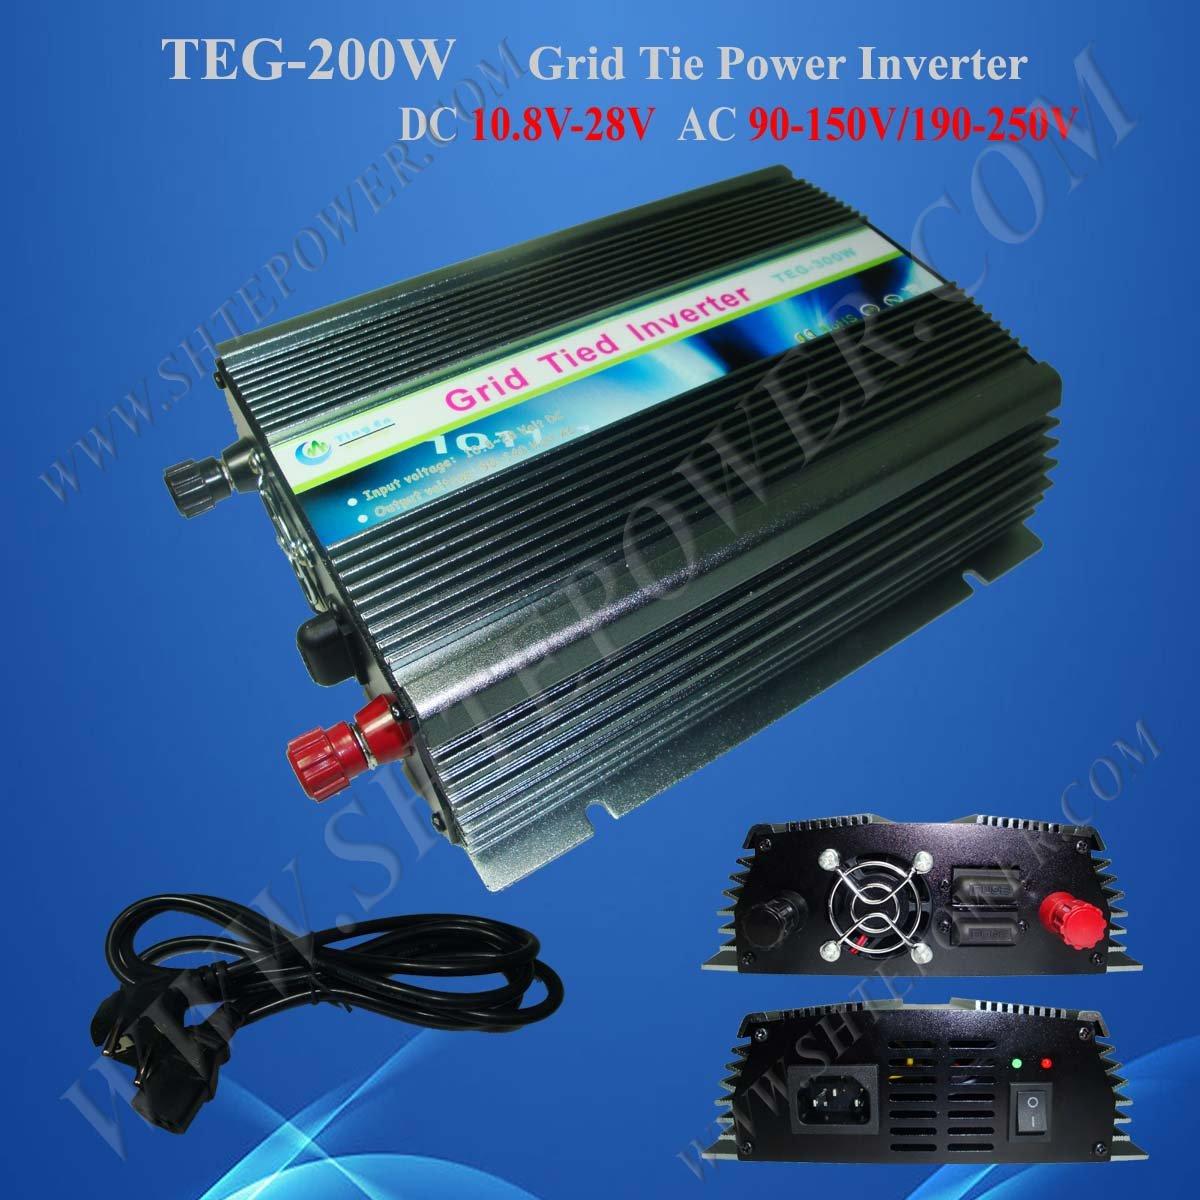 200w grid tie solar inverter 200w on grid tie solar inverter dc 10.8-28v to ac 100v/240v(China (Mainland))